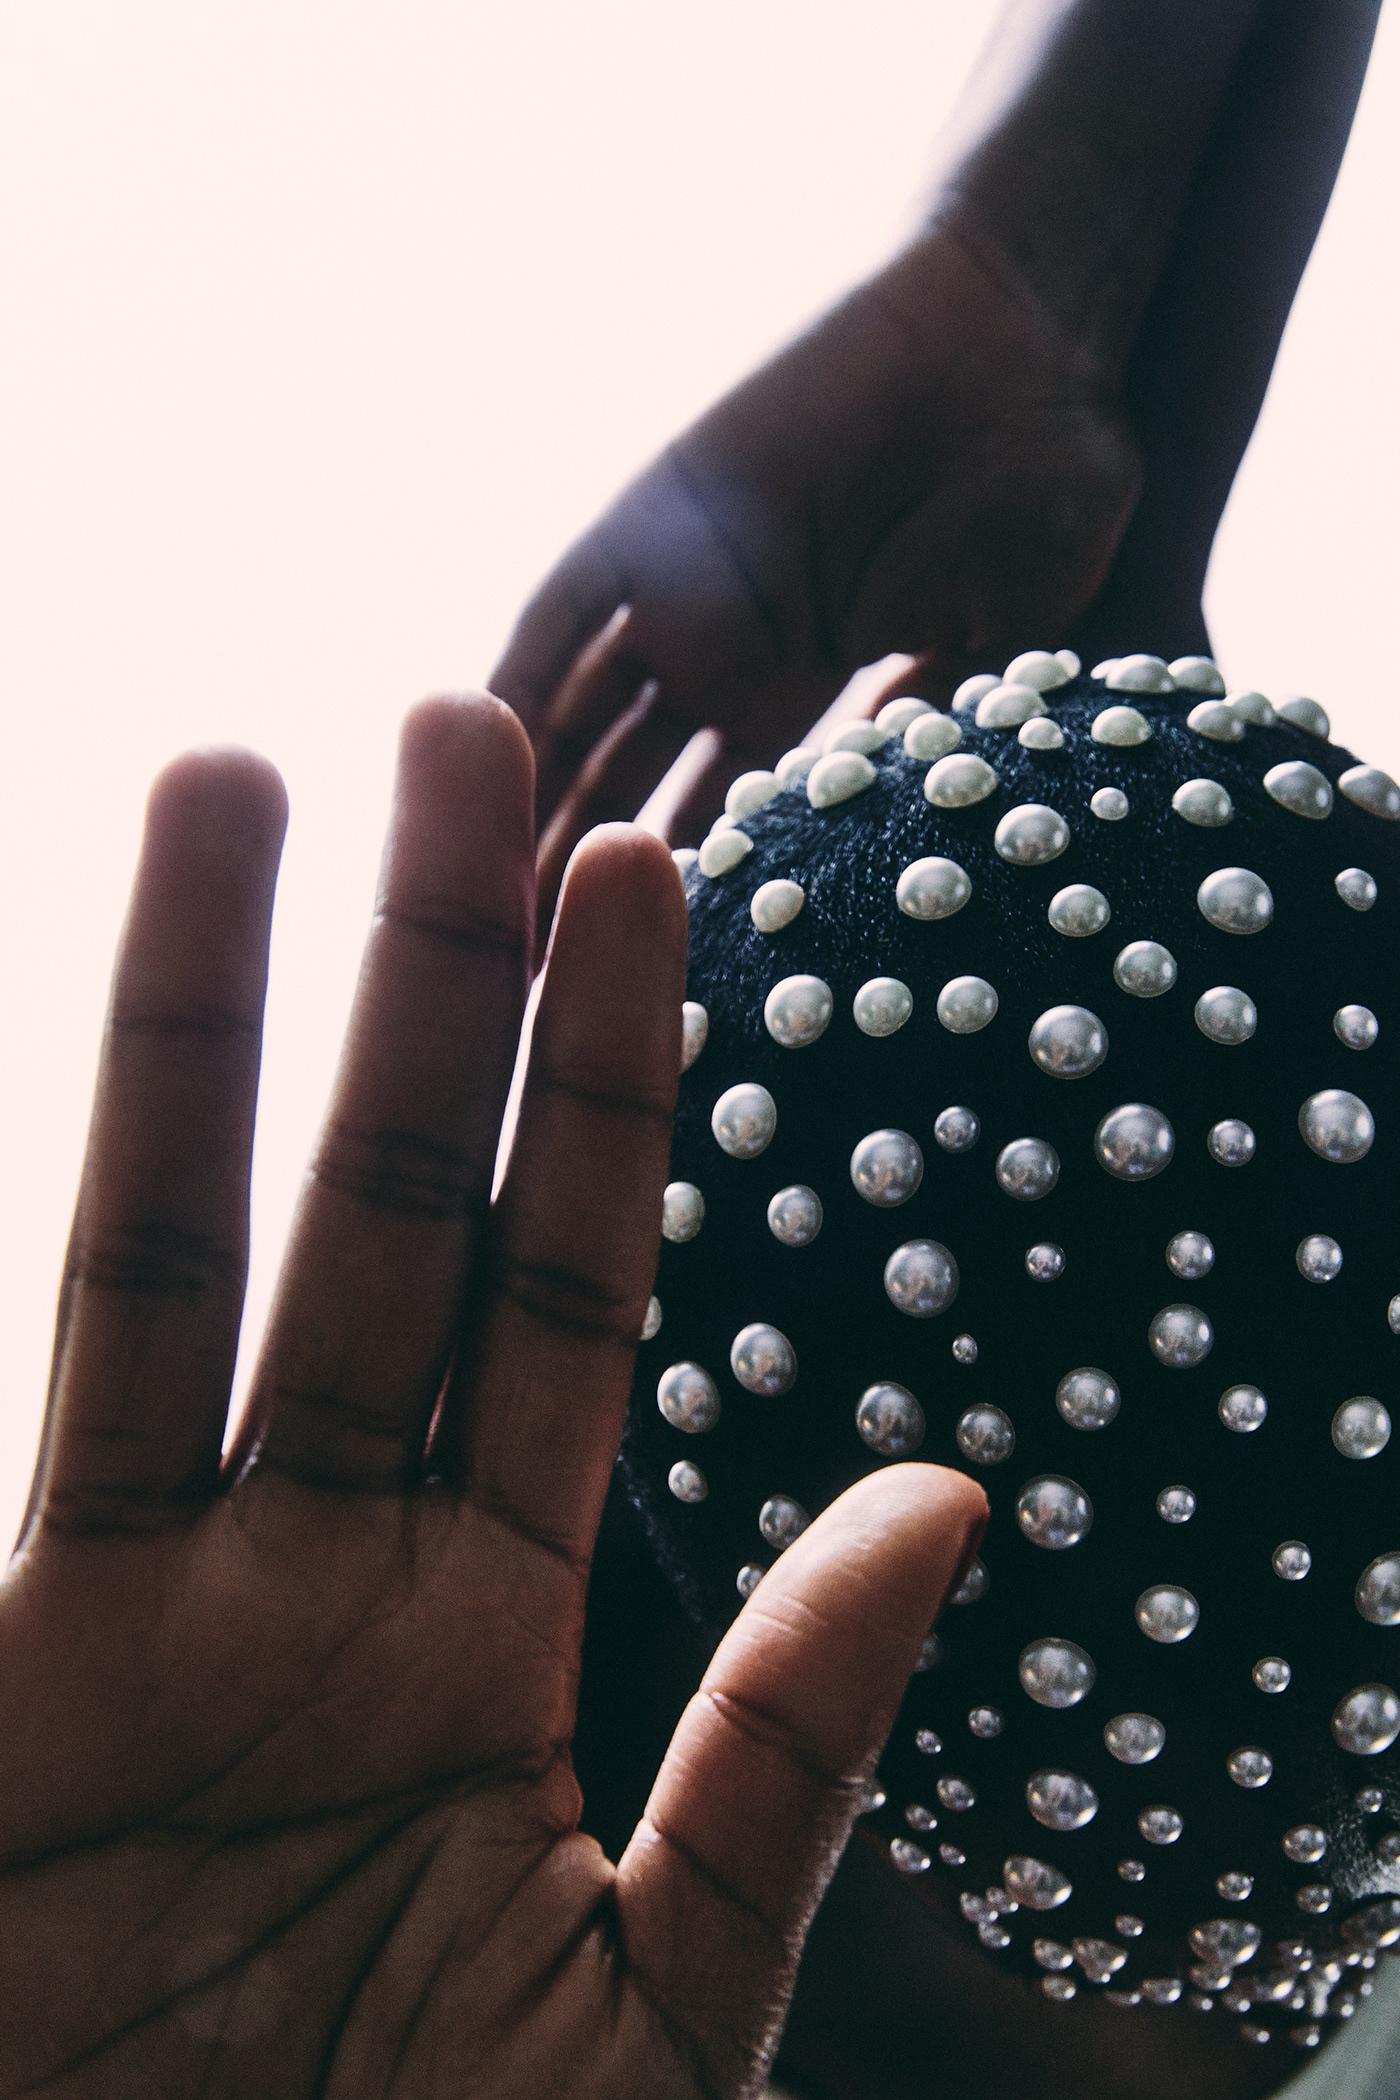 alien beauty beauty photography pearls